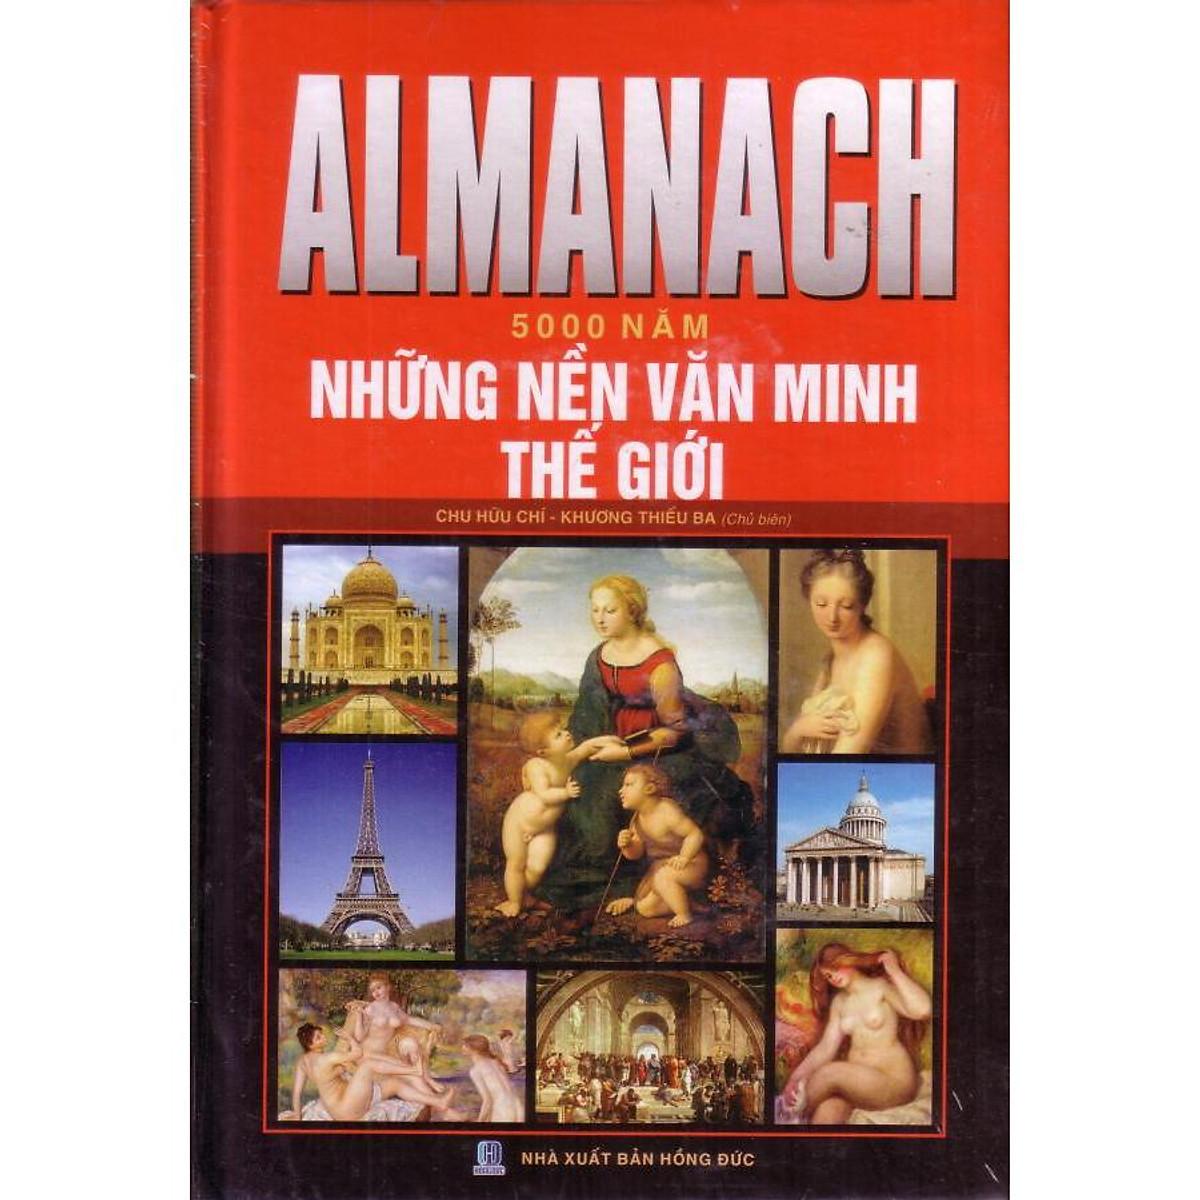 Almanach 5000 năm những nền văn minh thế giới